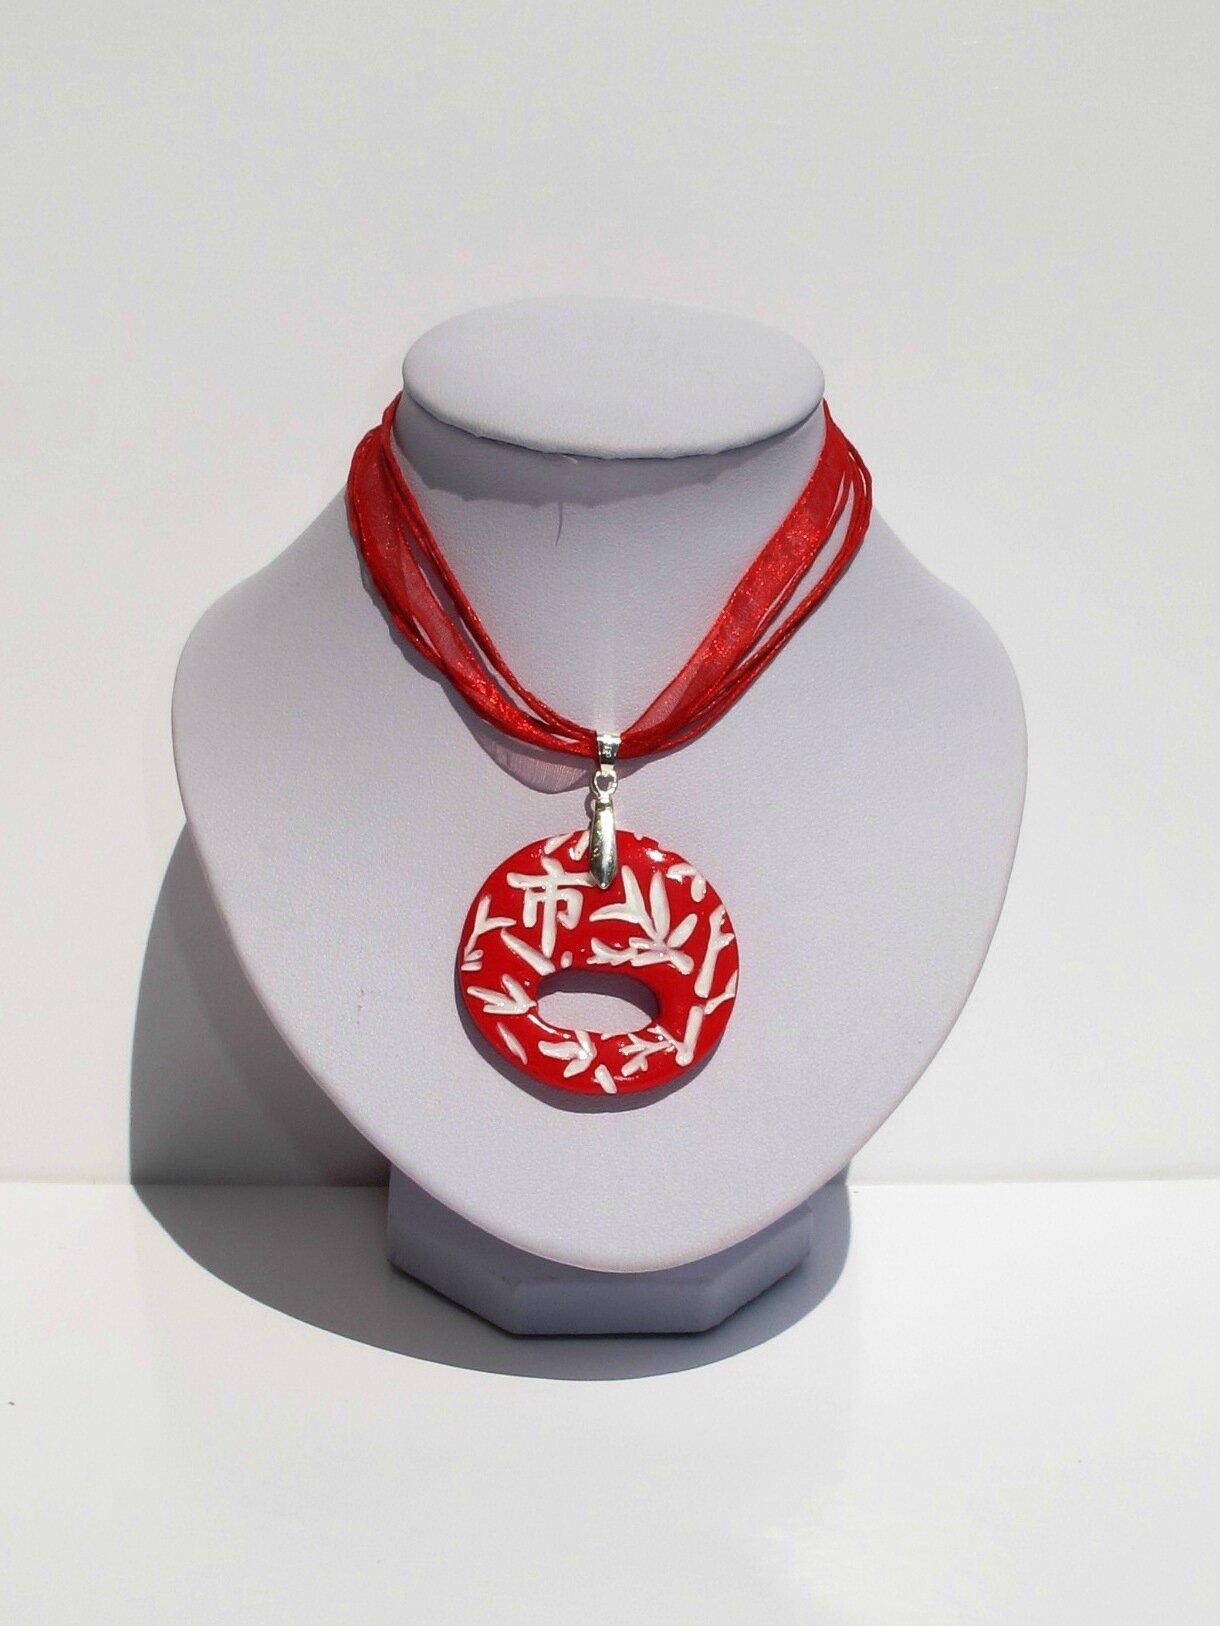 pendentif porte lunettes asiatique rouge et blanc rond buste blanc